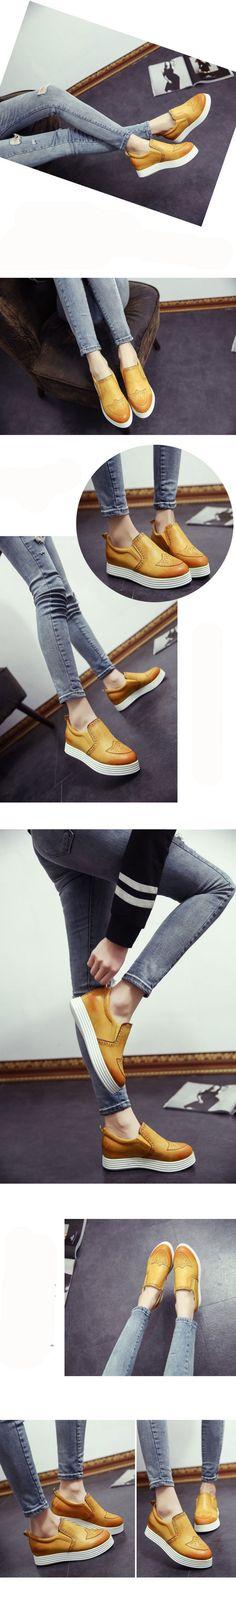 2015 nova moda das mulheres oxford Shoes deslizamento vintage em boi creepers plataforma mulheres apartamentos sapatos verão outono sapatos de barco em Sapatos Flat de Sapatos no AliExpress.com | Alibaba Group